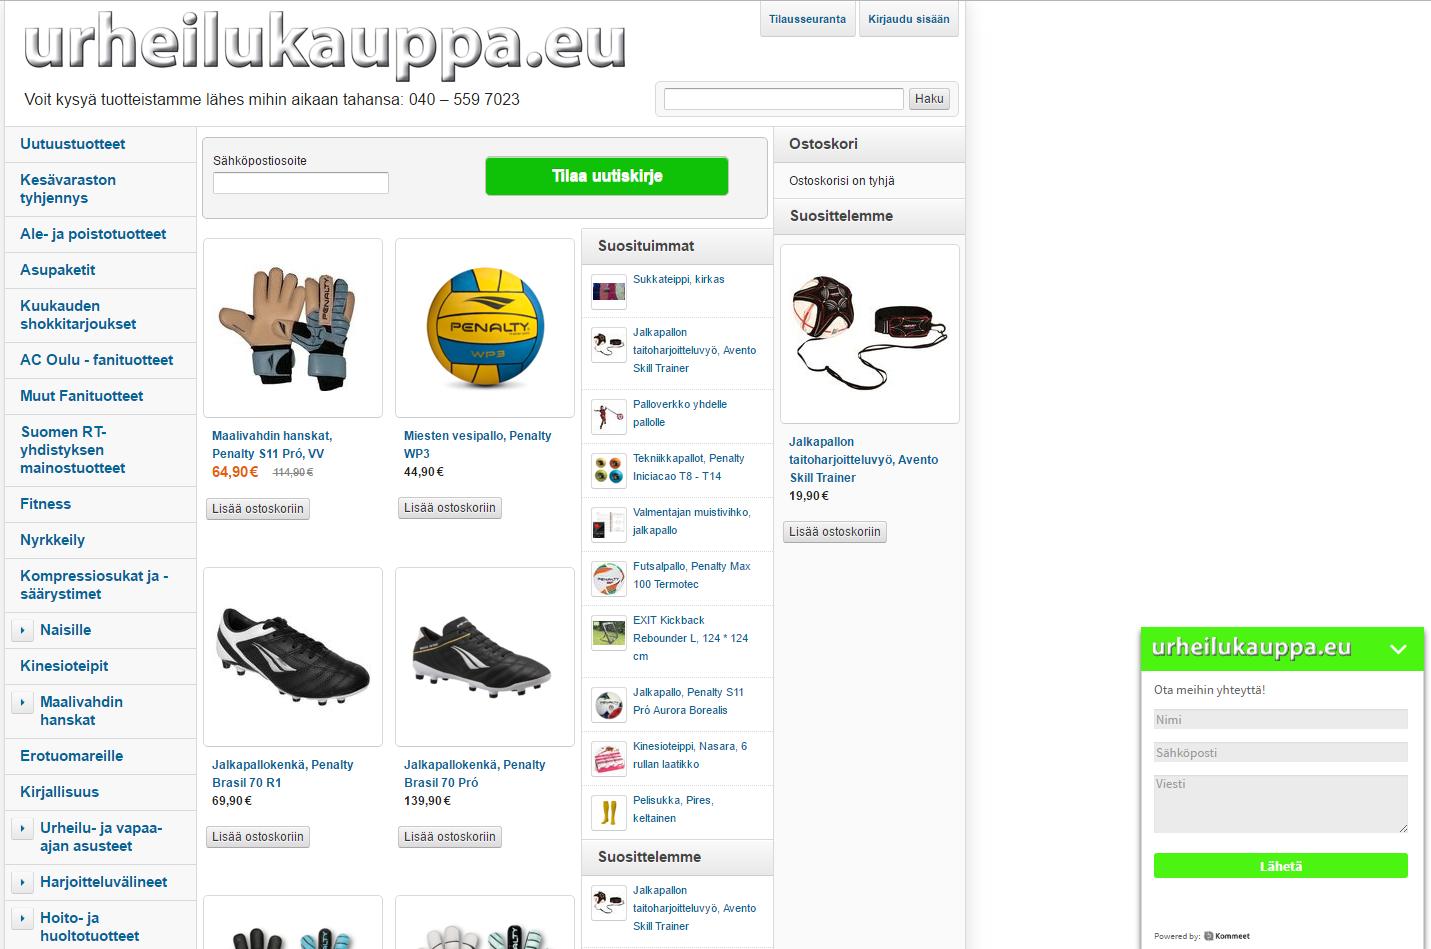 urheilukauppa_screenshot.png#asset:2061